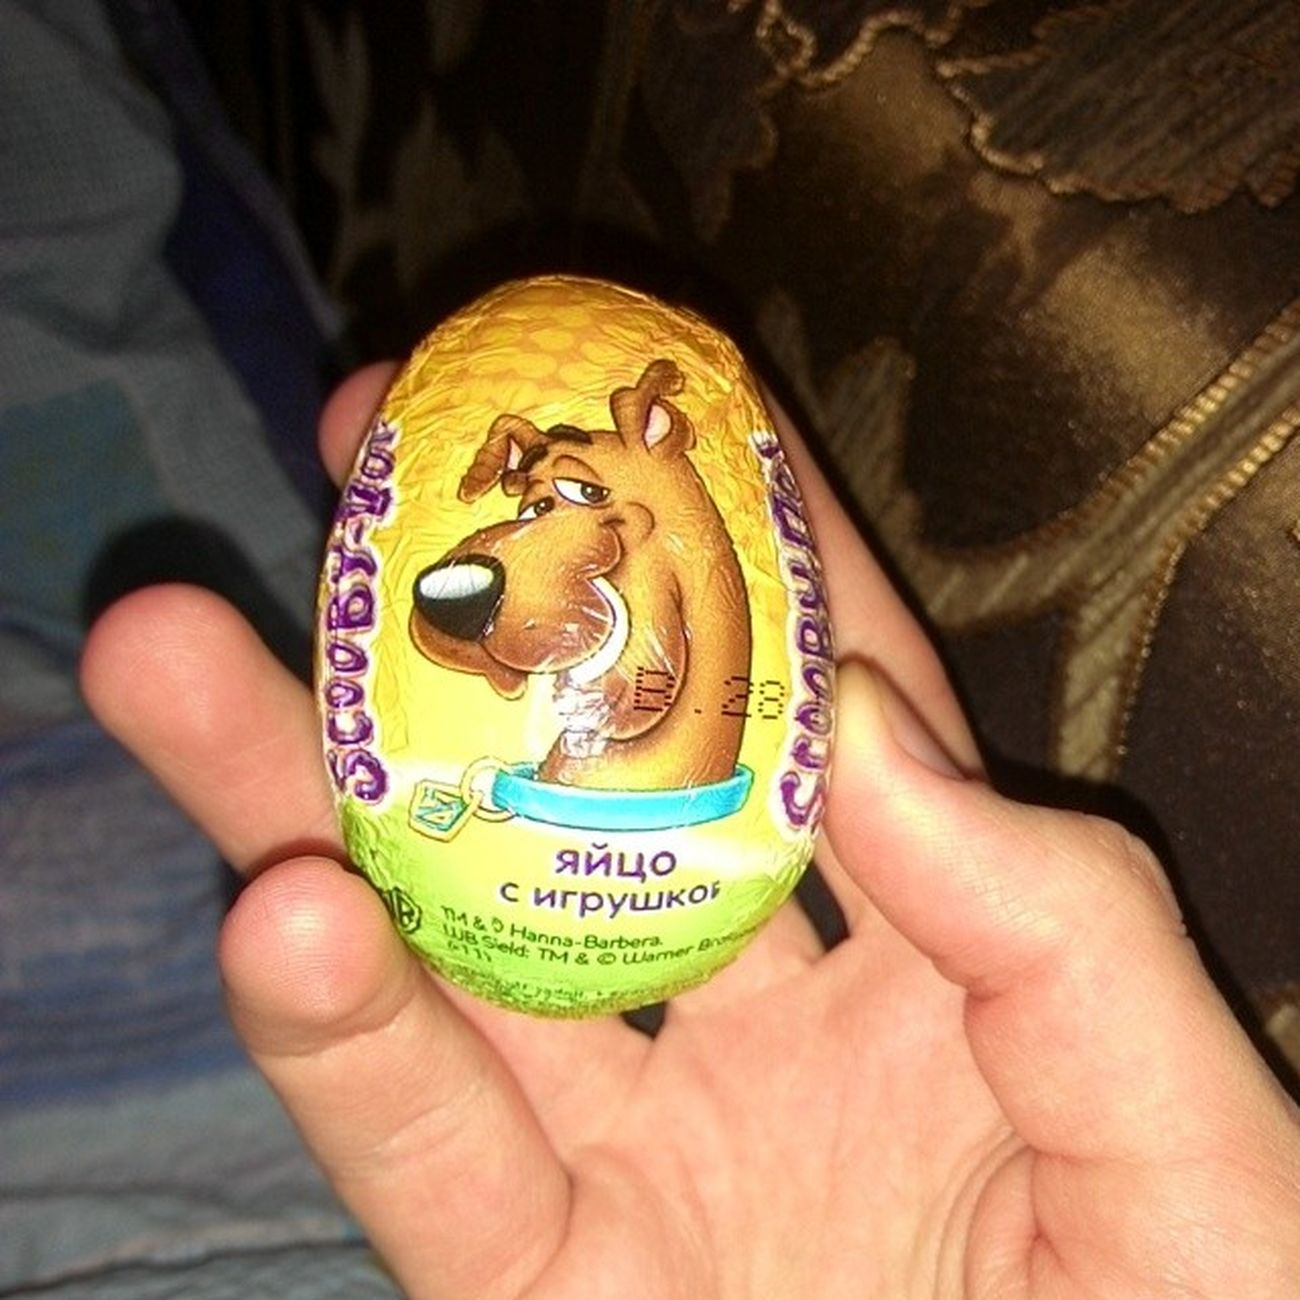 #яйцо #яйца #мирдолжензнатьчтояем #2014 #egg Egg Scooby 2014 мирдолжензнатьчтояем игрушка яйцо яйца скубиду